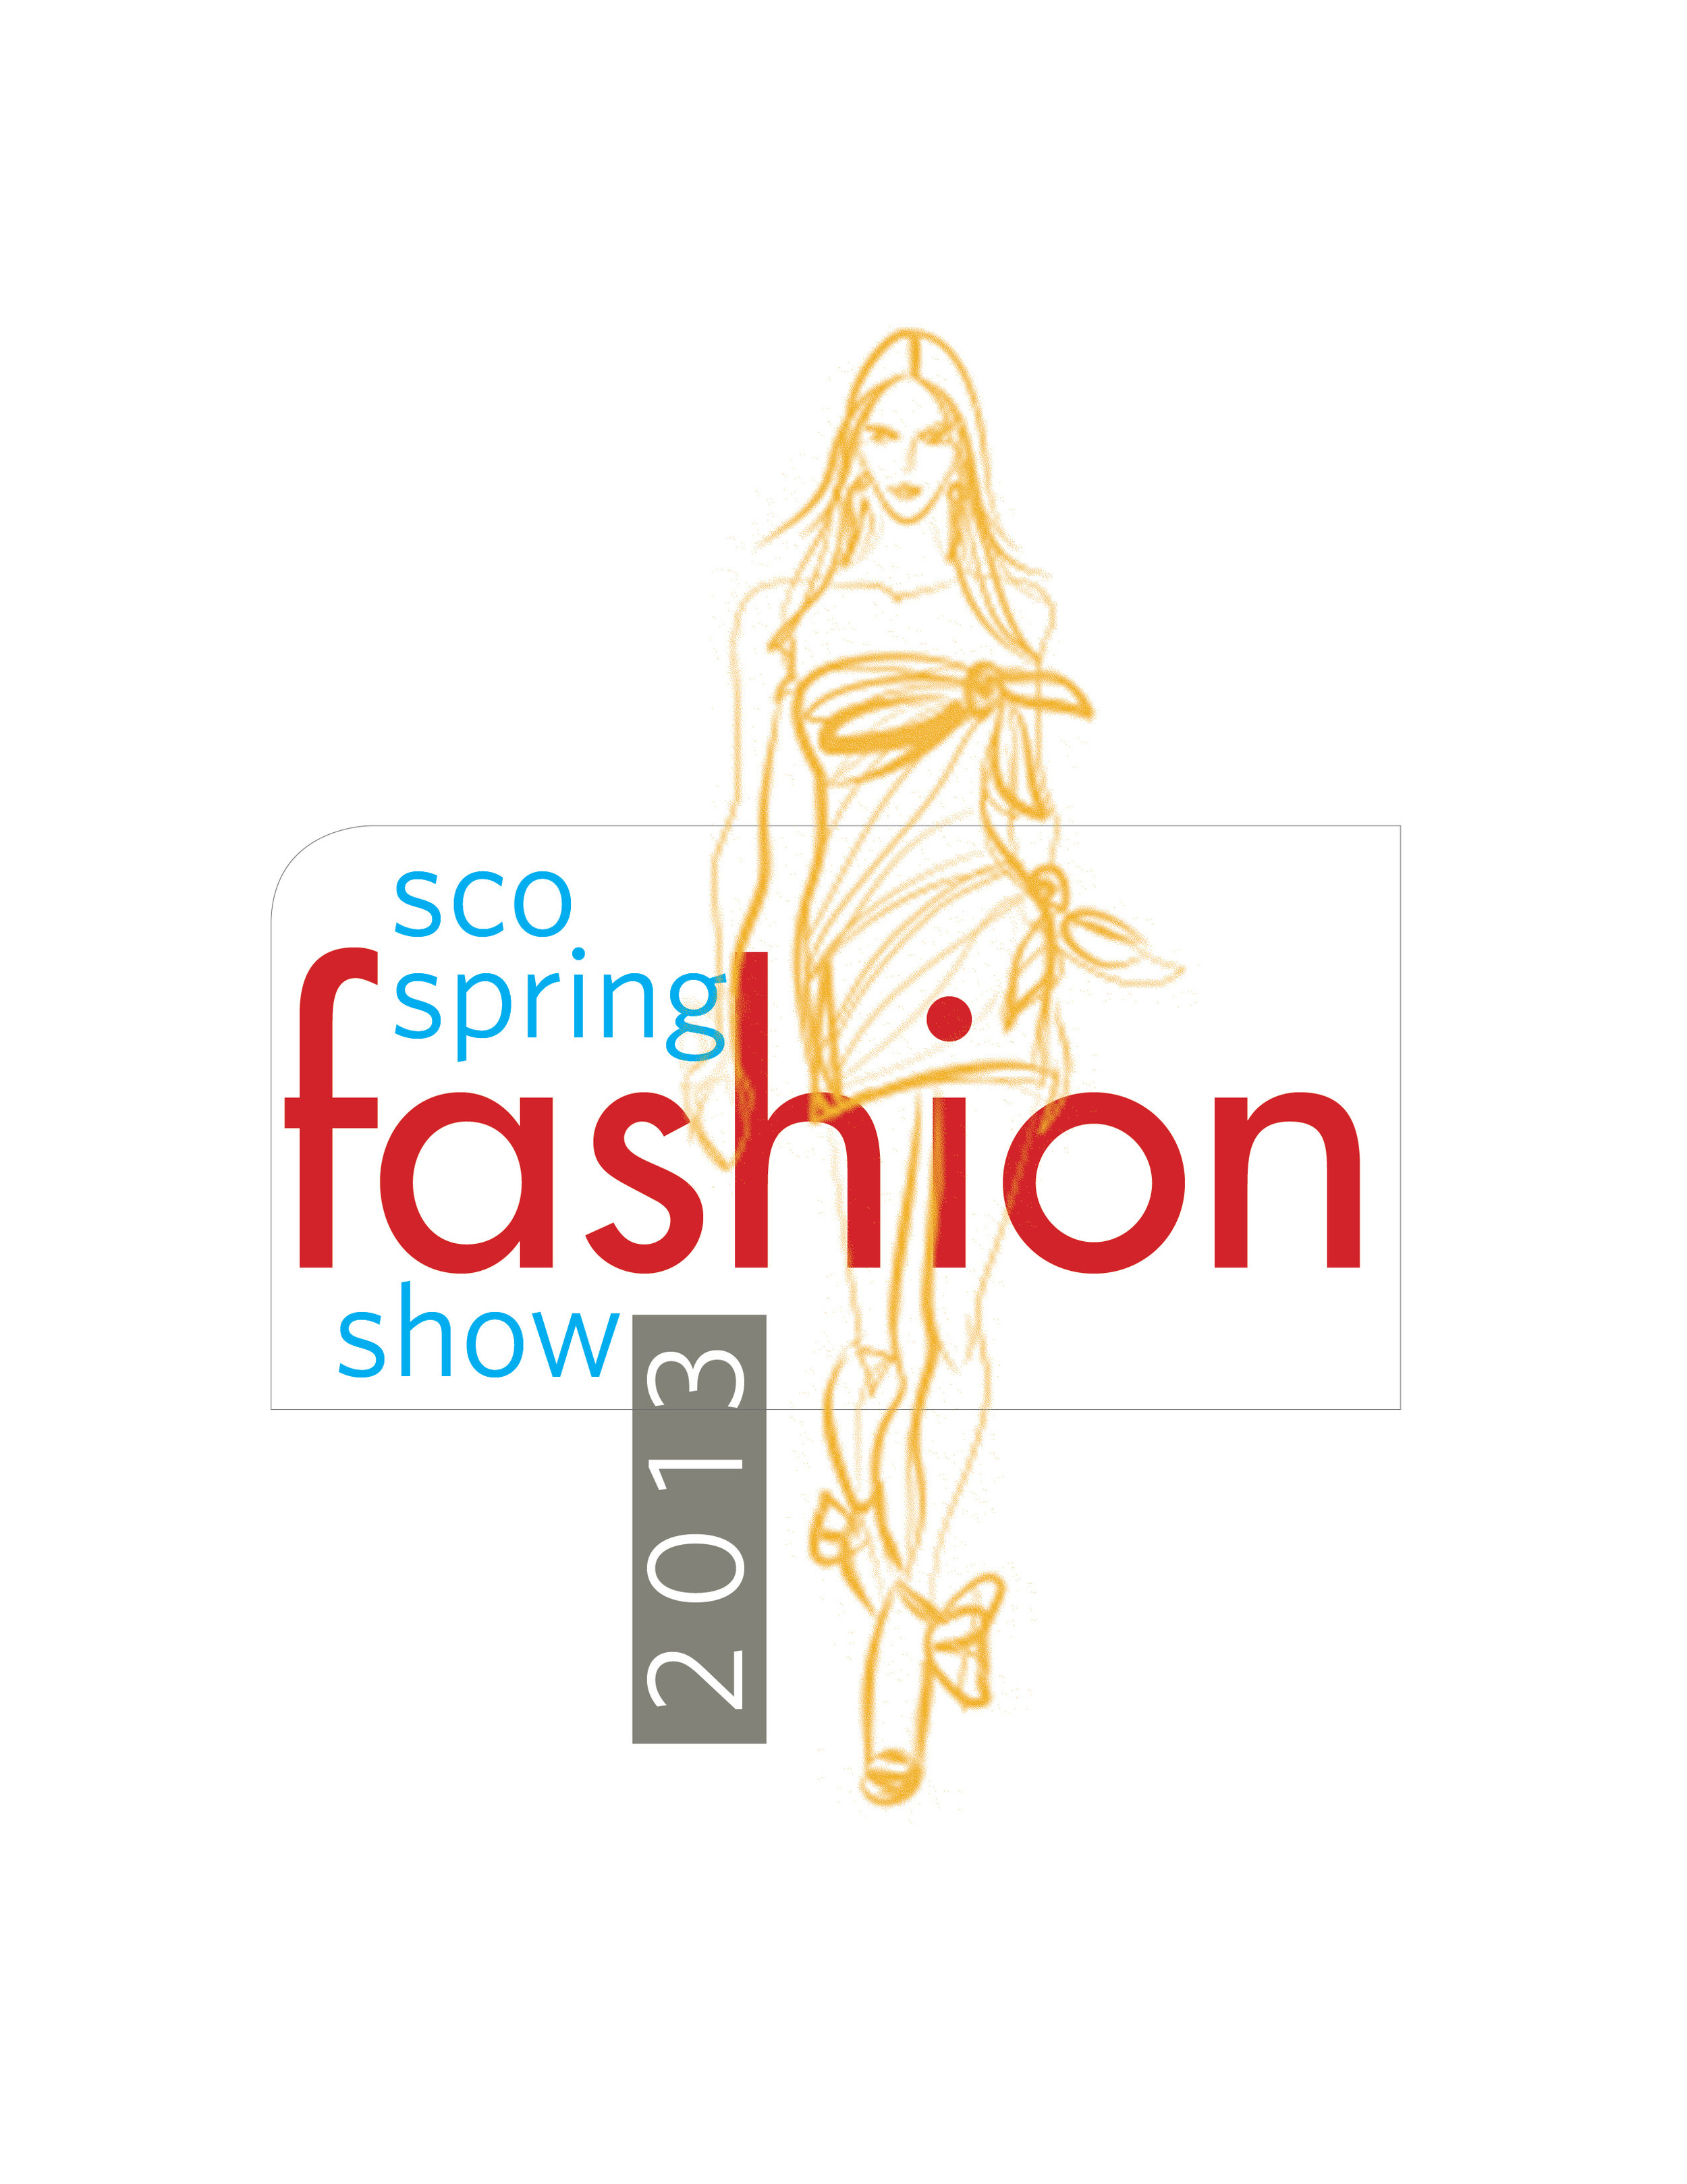 SCO_3-logos3.jpg